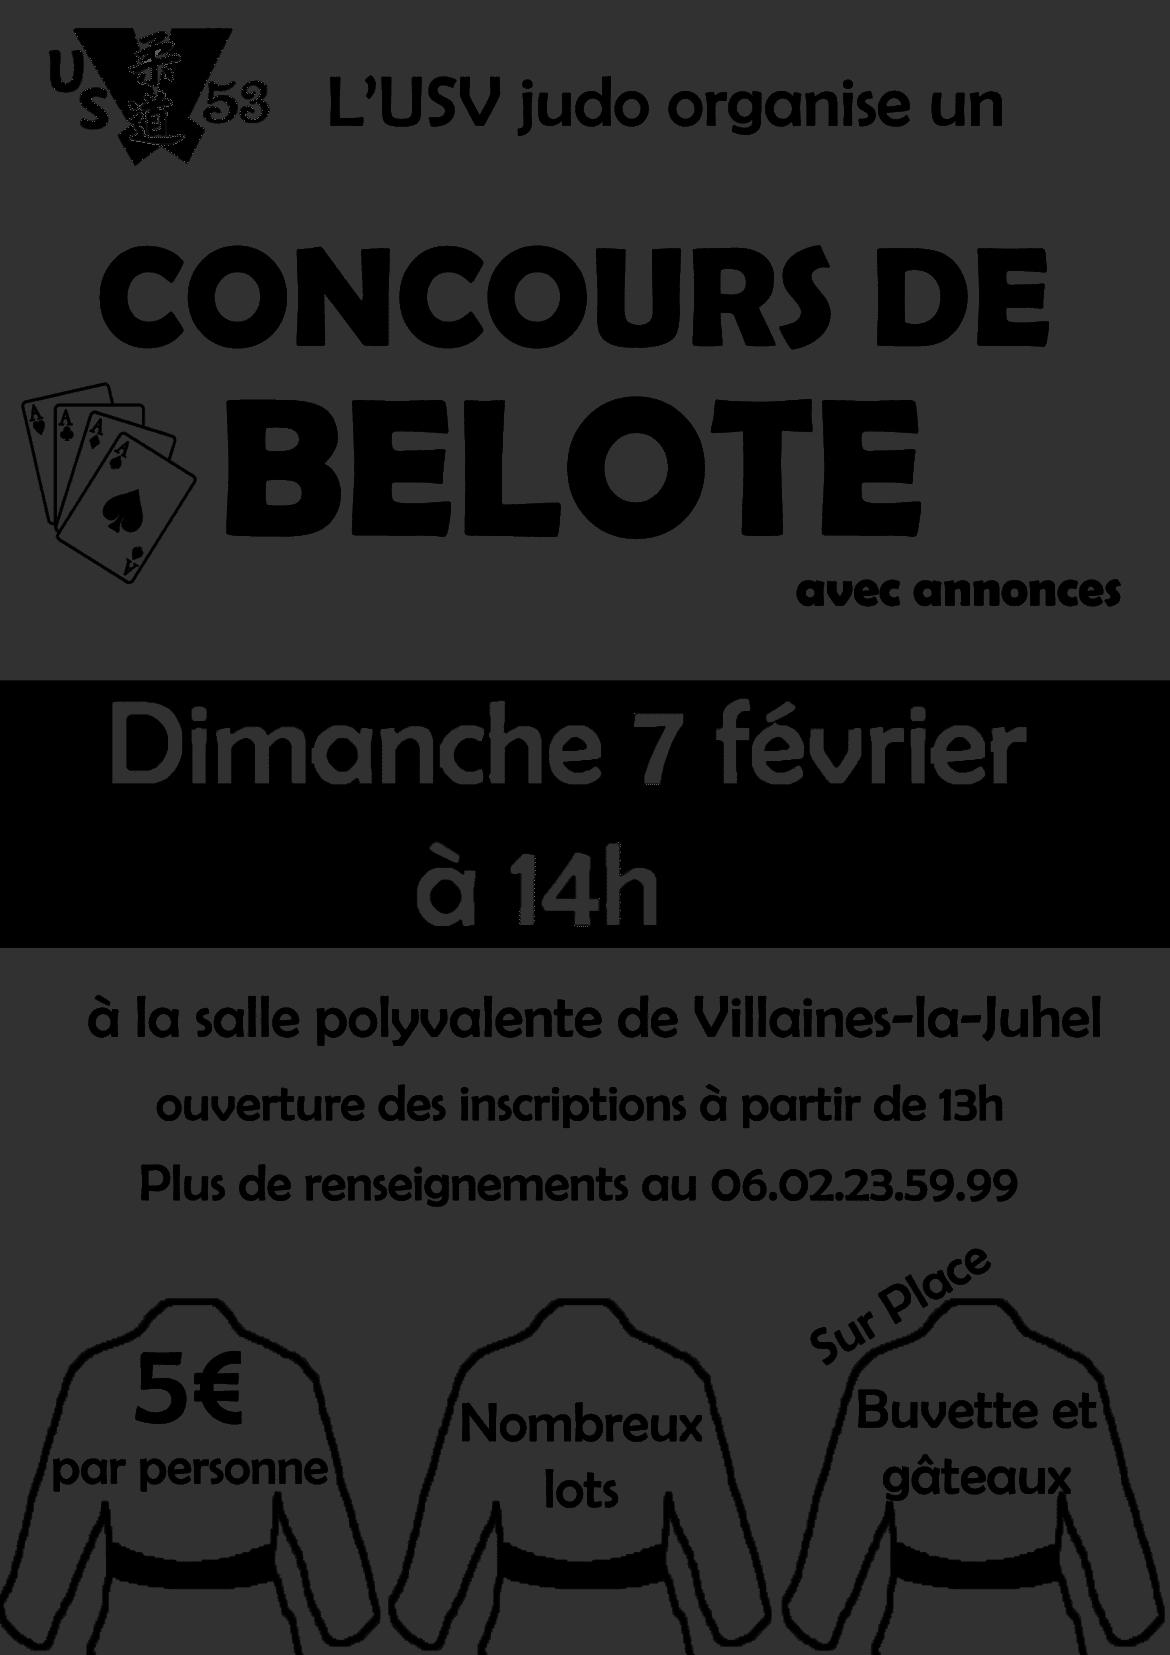 Concours de belote le 7 février 2016 à Villaines-la-Juhel (53)